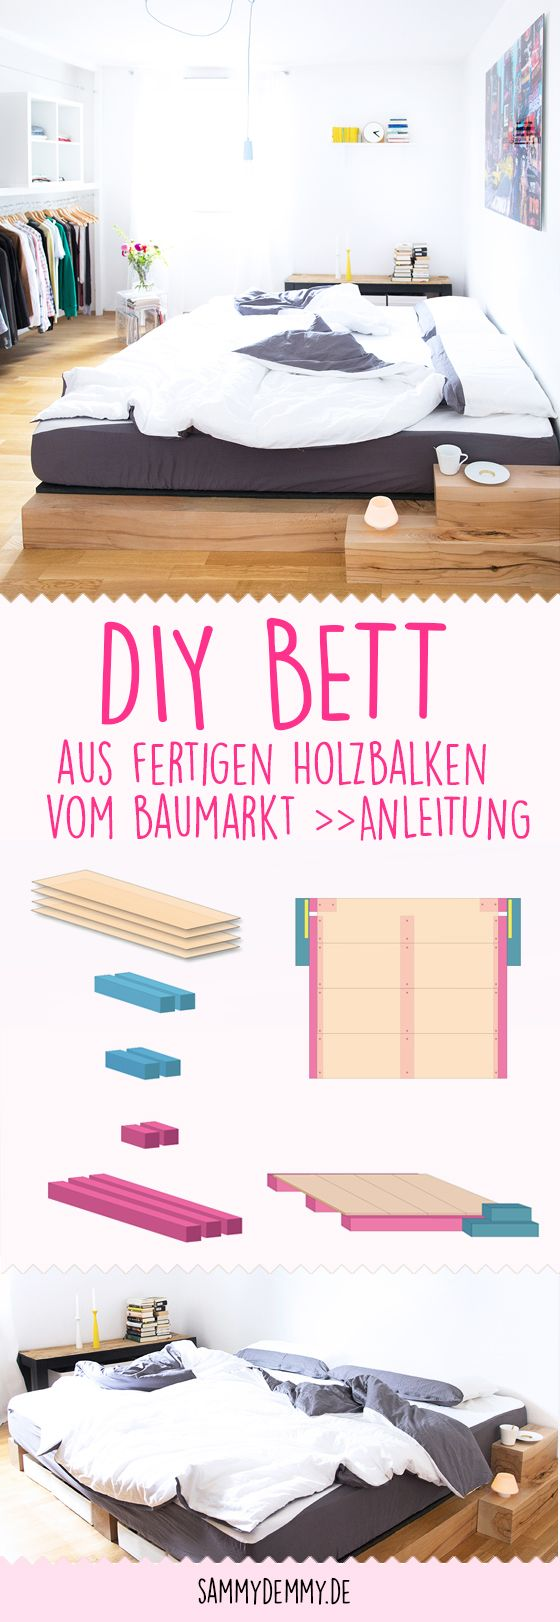 Diy Bett Anleitung Zum Selber Bauen Eines Massiv Holz Bettes Diy Bett Bett Selber Bauen Diy Mobel Selber Bauen